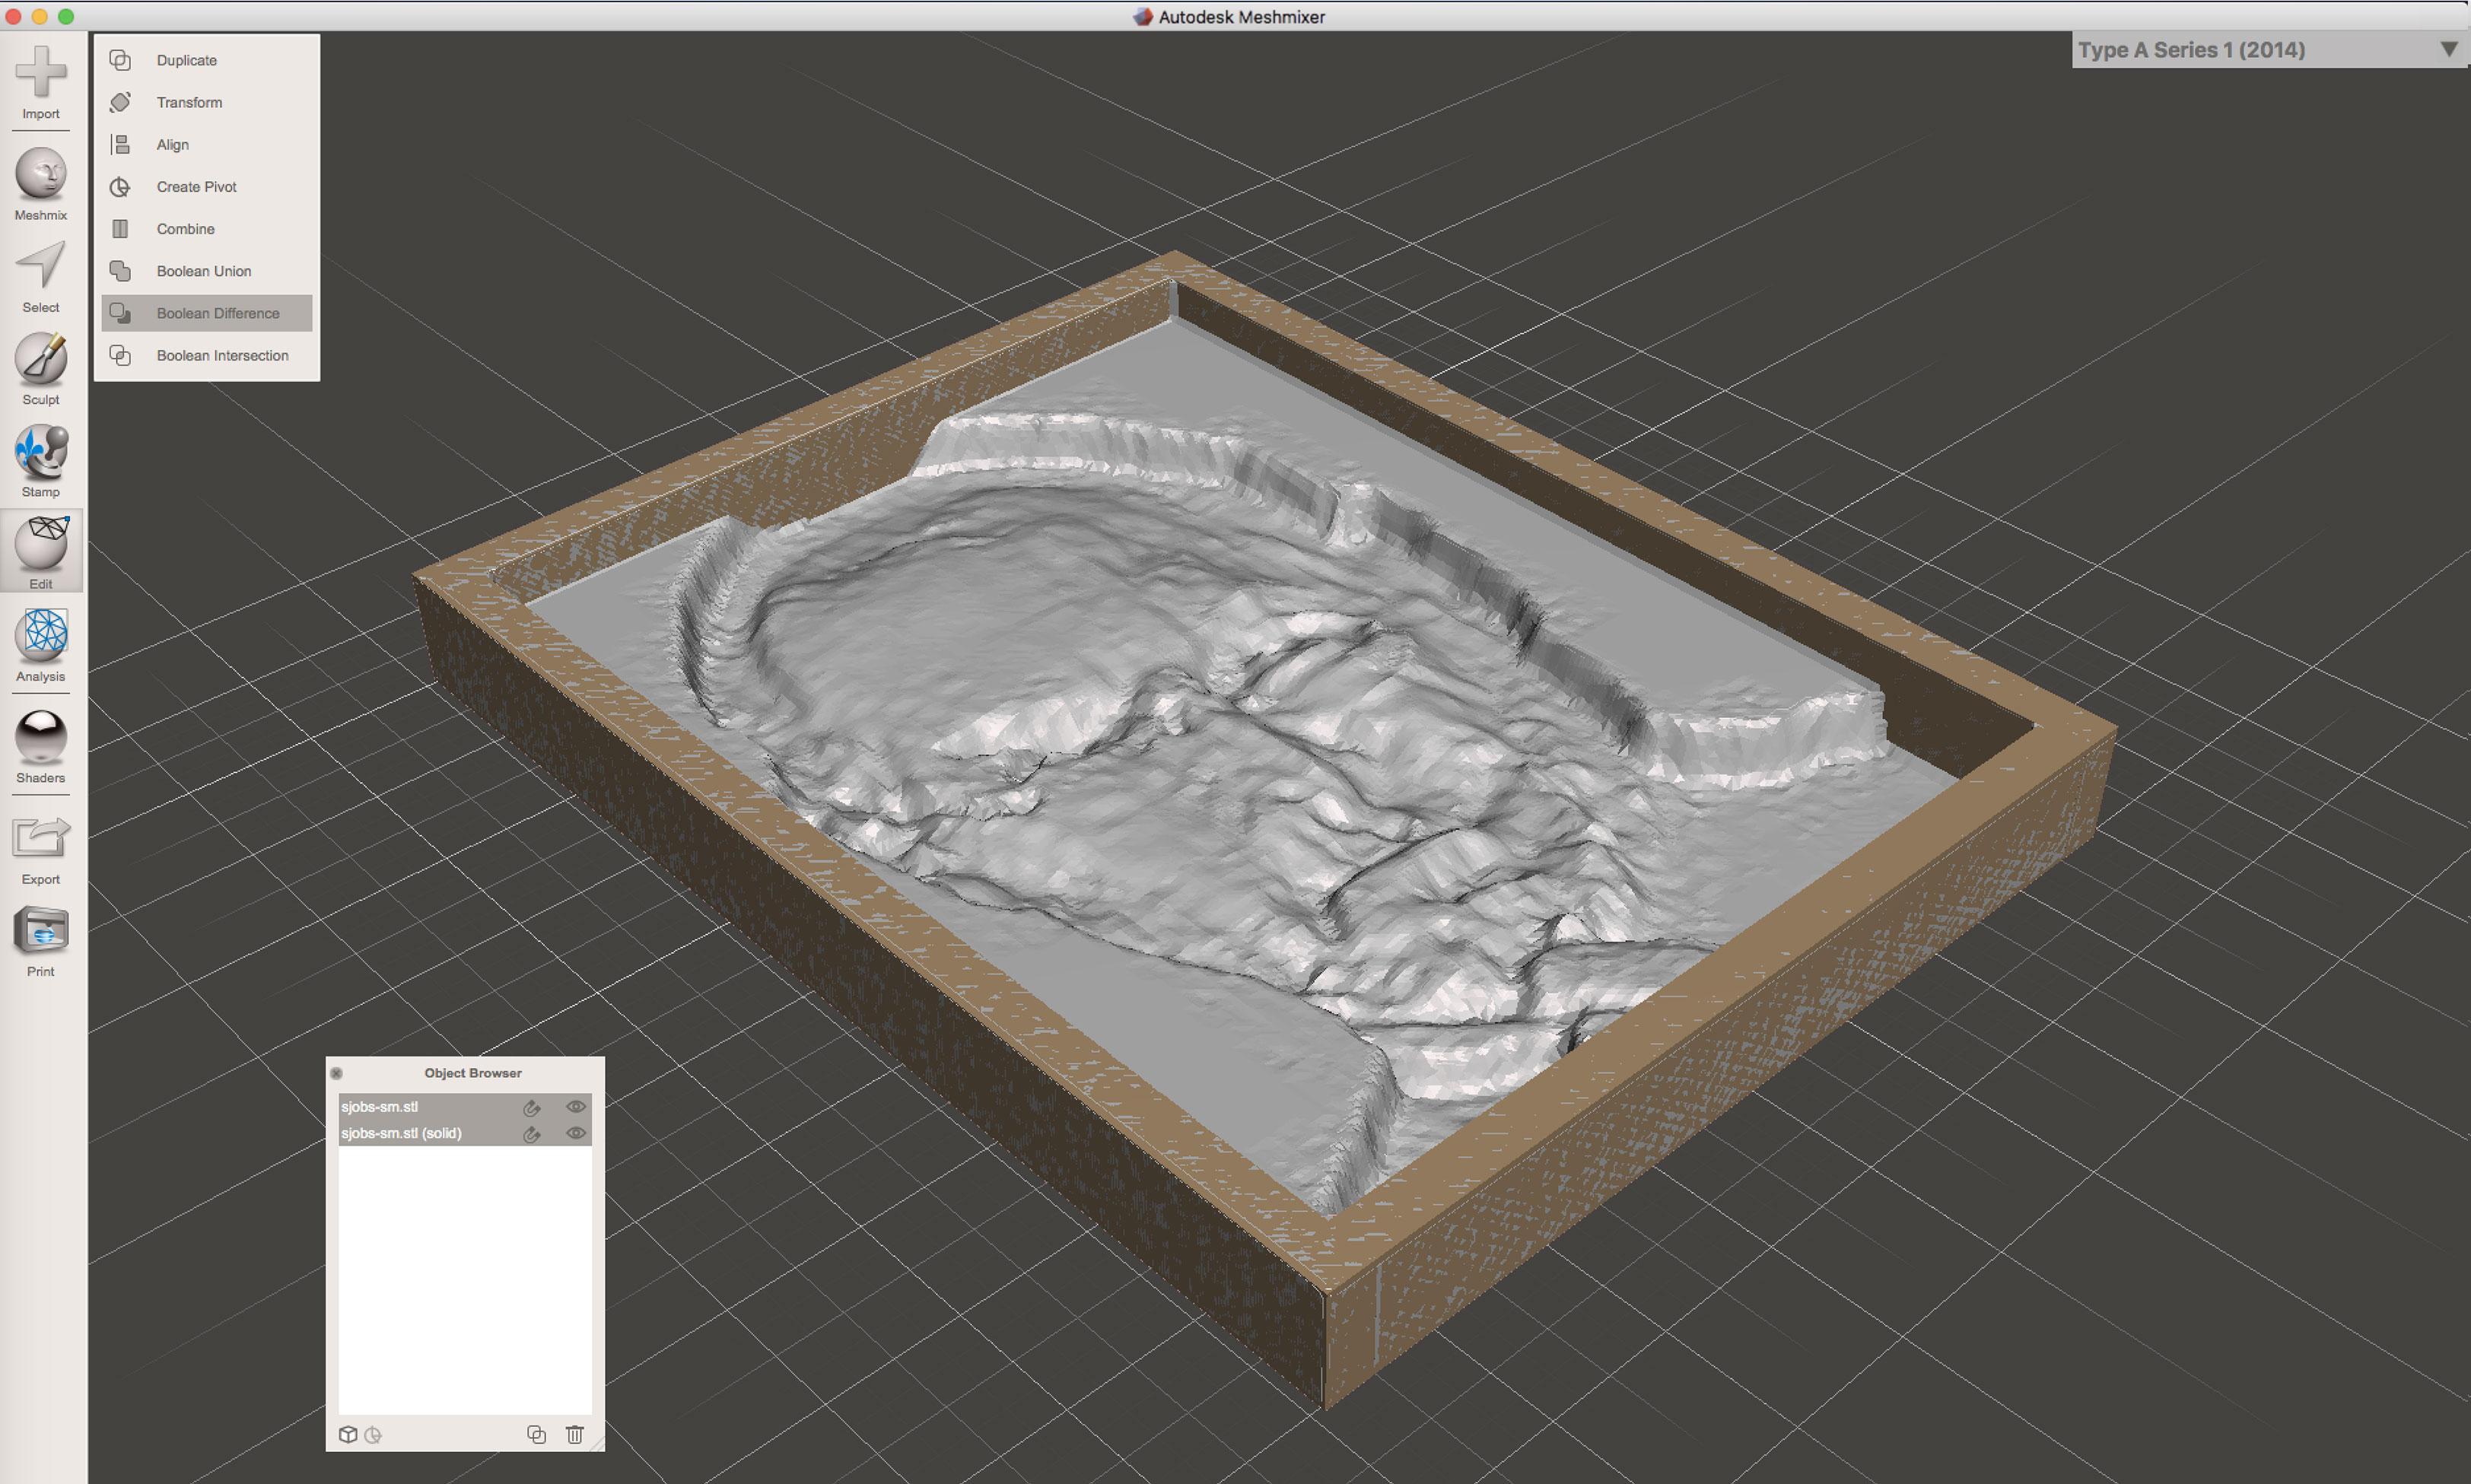 3d_printing_image-meshmix.jpg